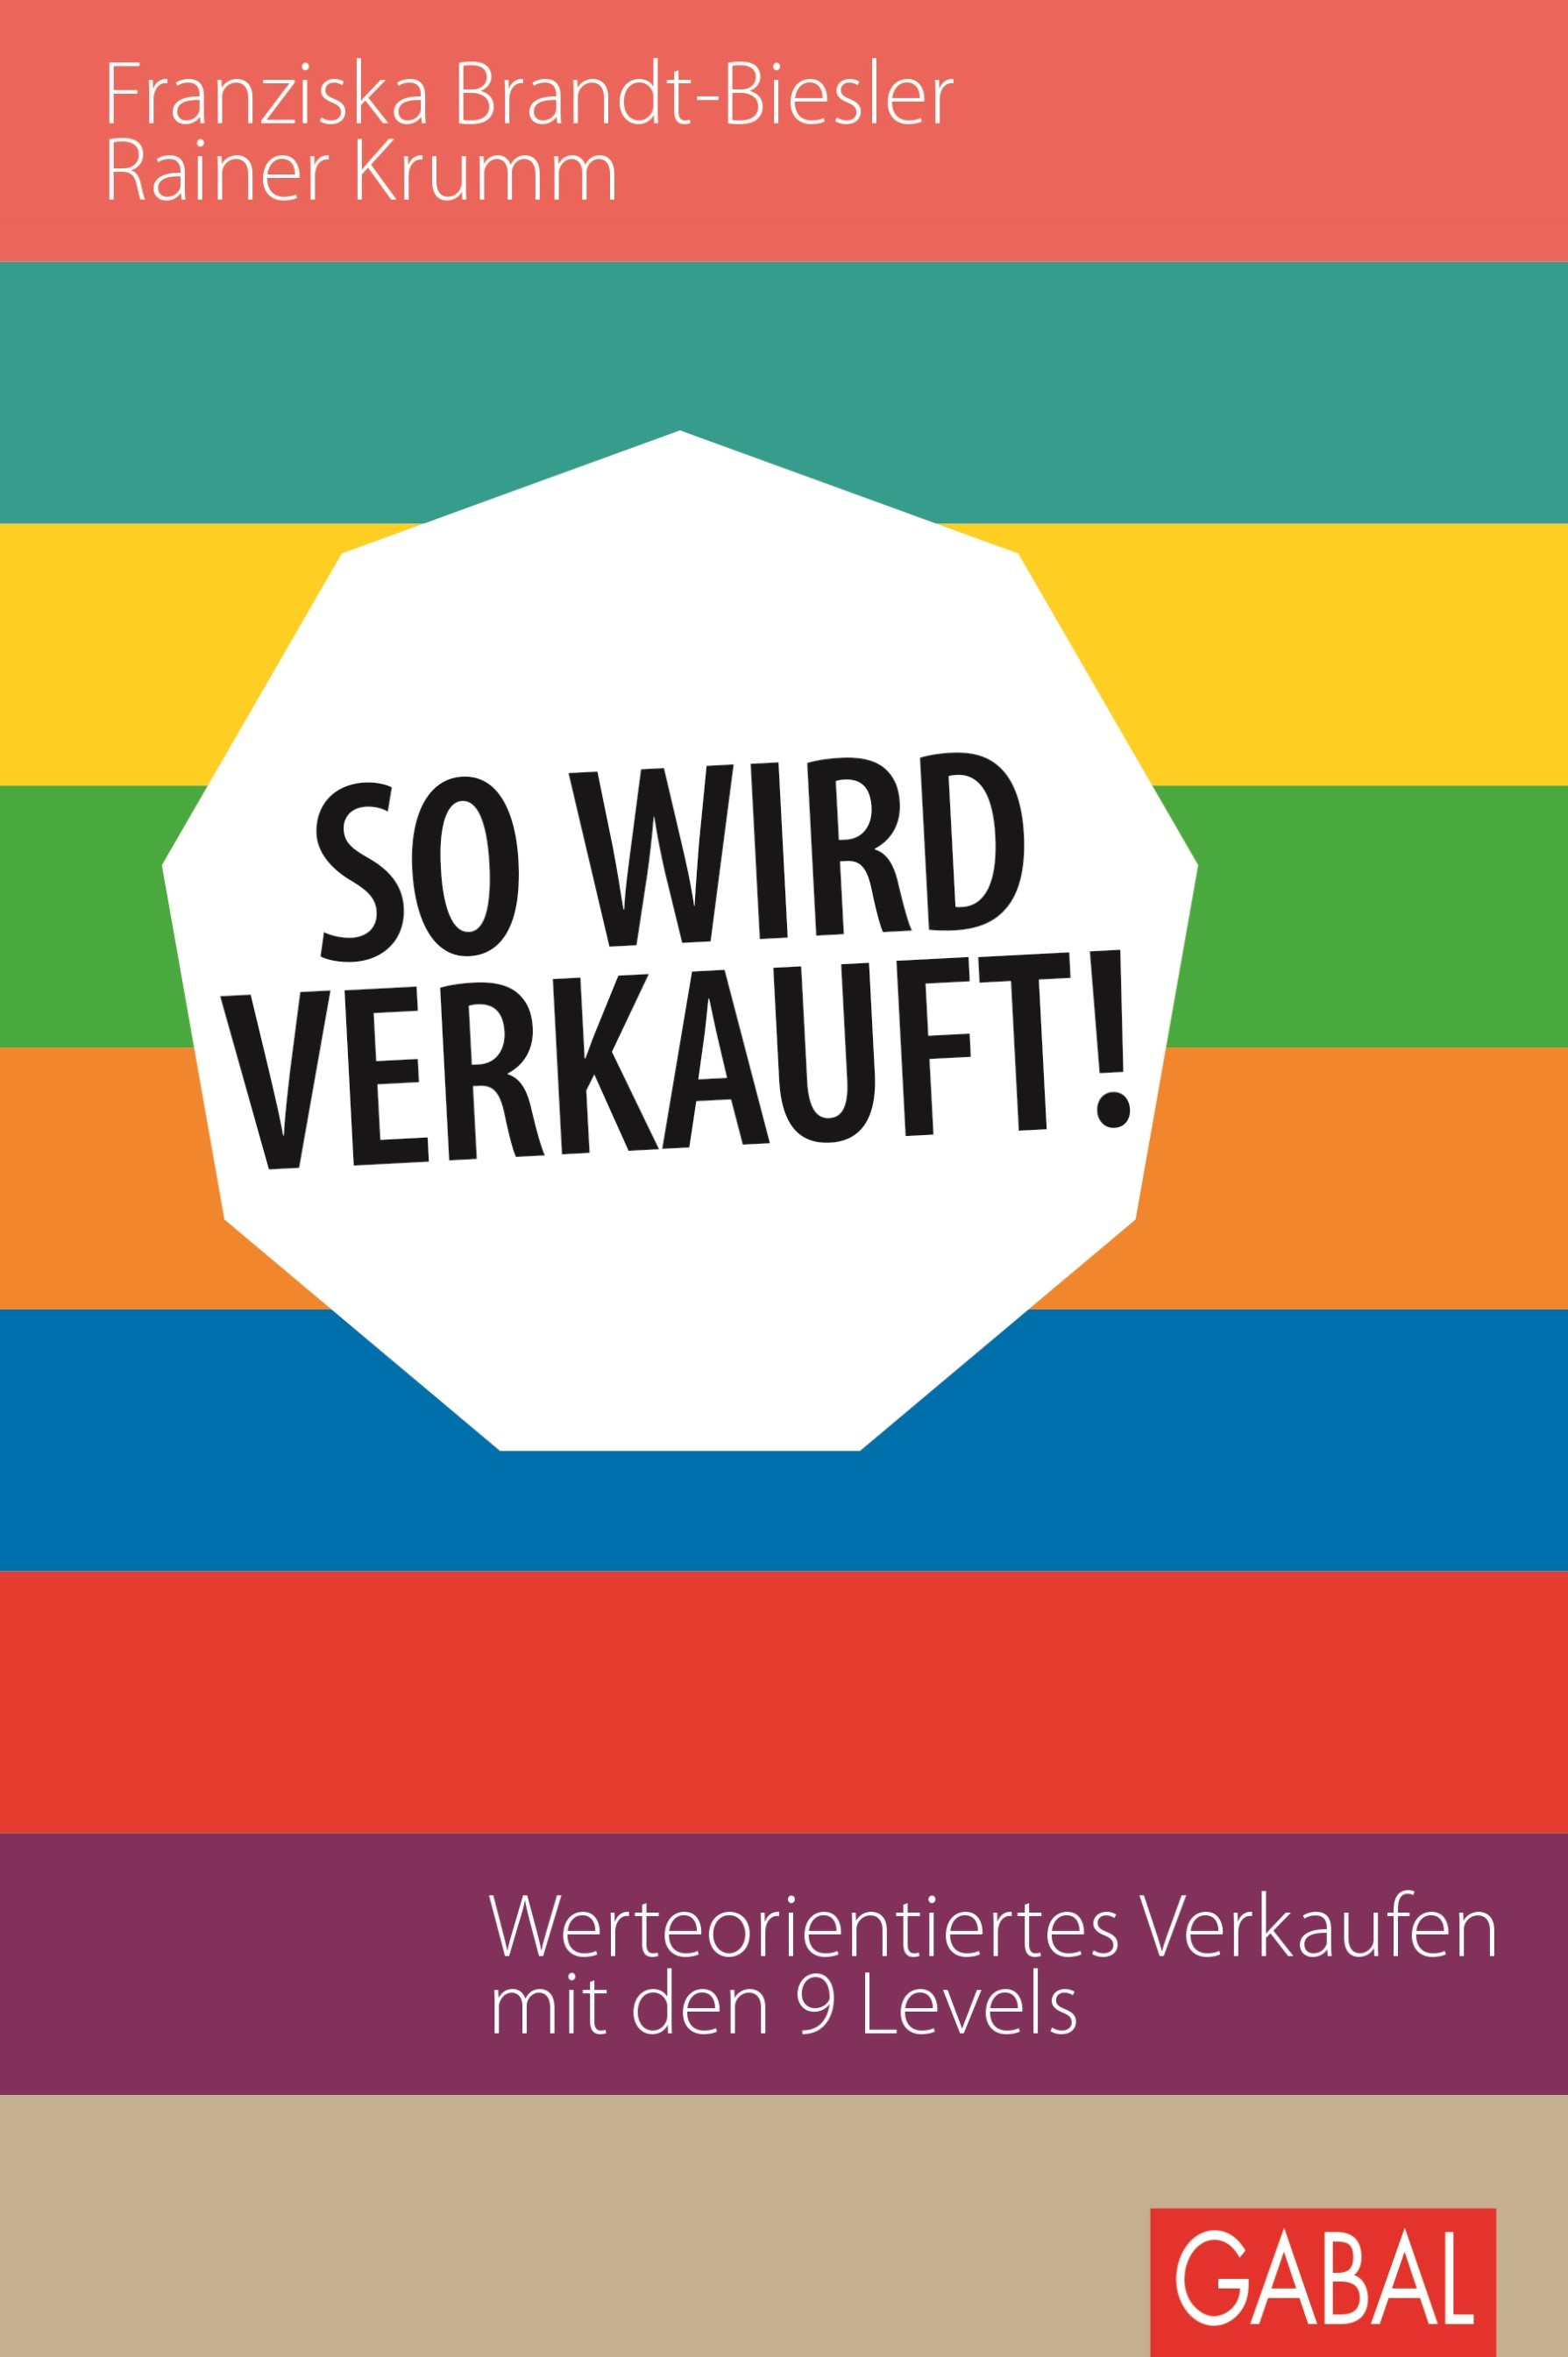 So wird verkauft! | Brandt-Biesler / Krumm, 2019 | Buch (Cover)